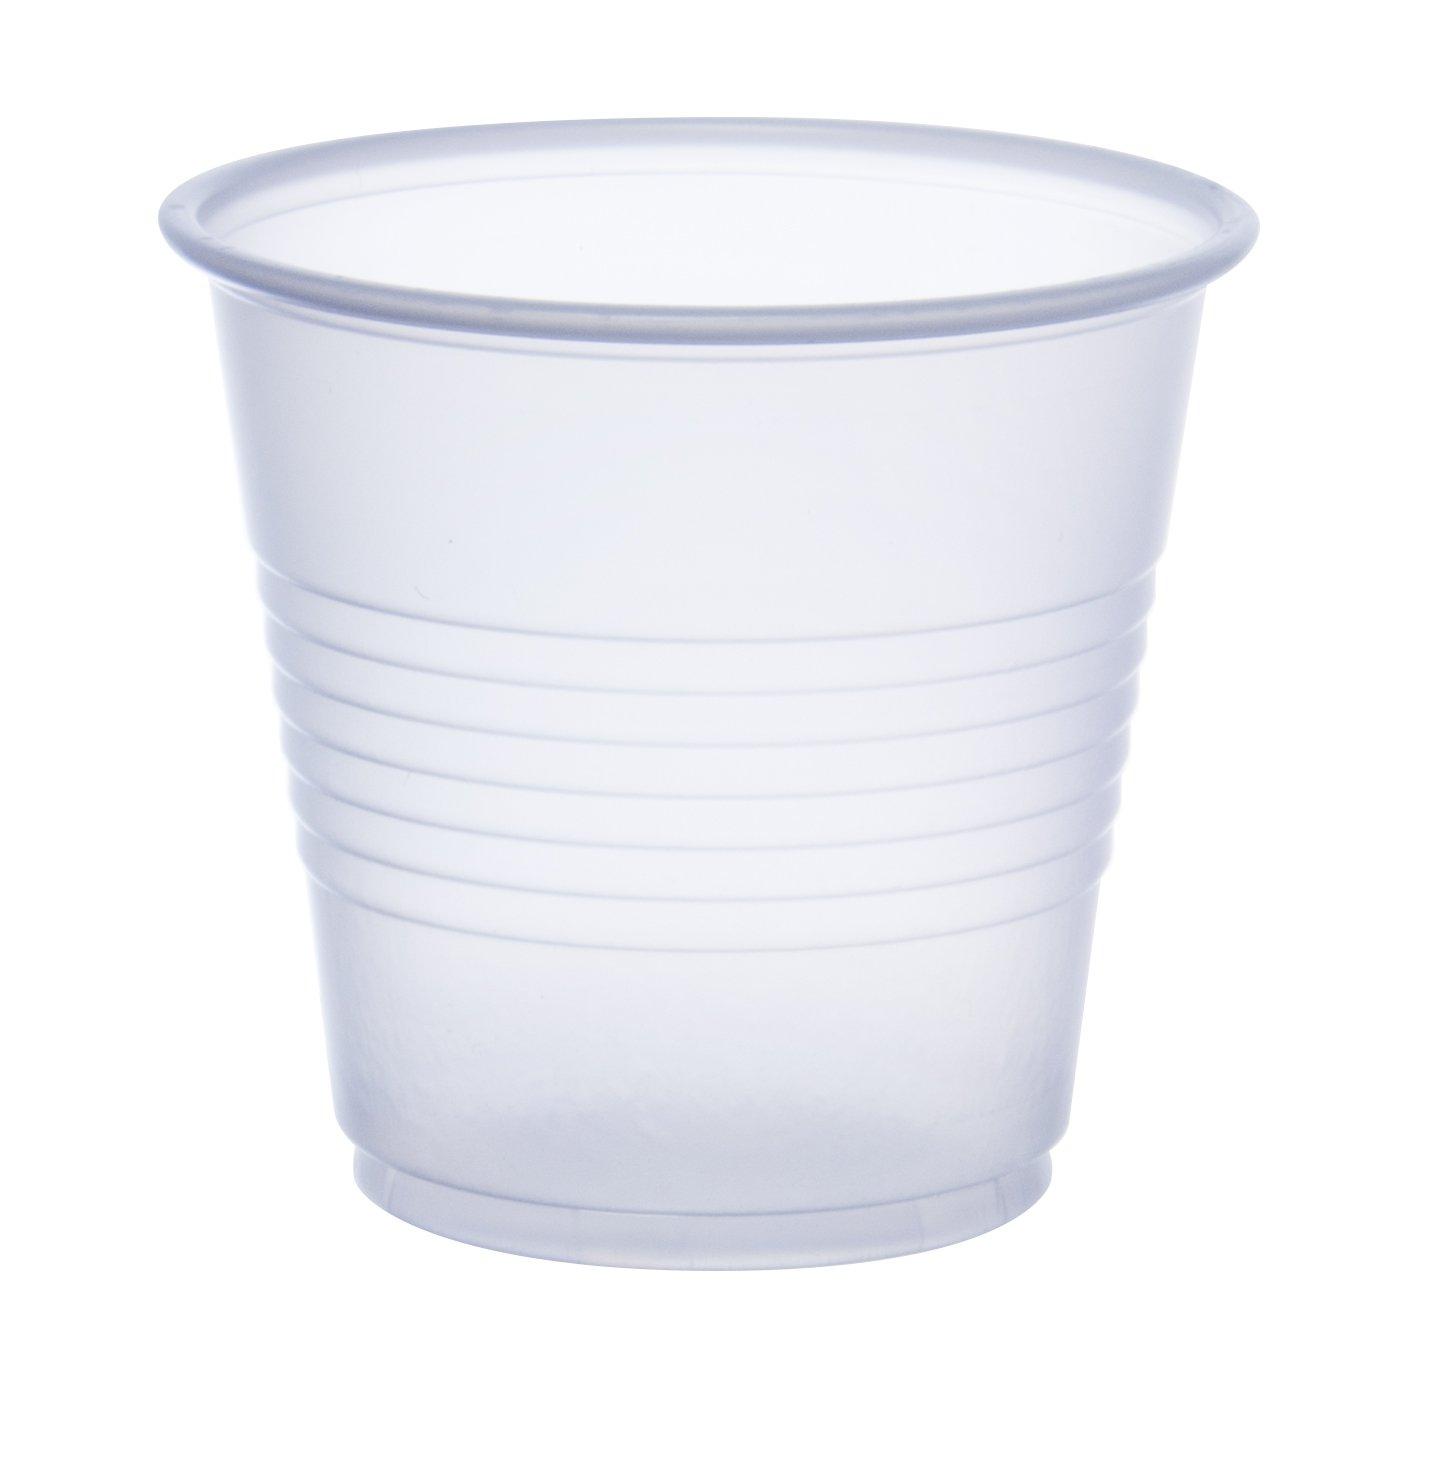 3.5 oz. Translucent Plastic Cups, Dart Y35 - Case